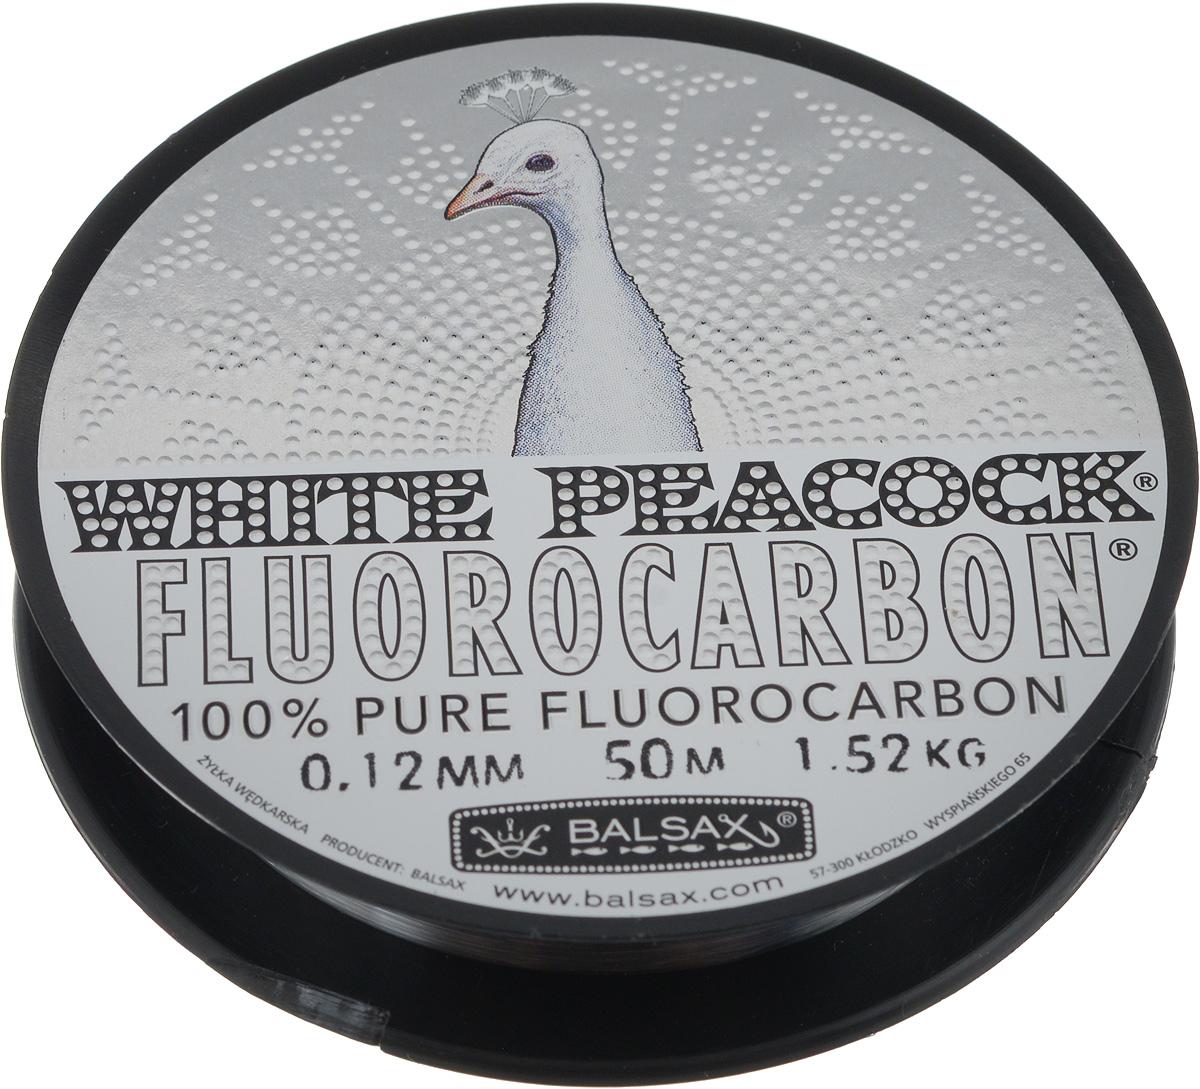 Леска флюорокарбоновая Balsax White Peacock, 50 м, 0,12 мм, 1,52 кг010-01199-23Флюорокарбоновая леска Balsax White Peacock становится абсолютно невидимой в воде. Обычные лески отражают световые лучи, поэтому рыбы их обнаруживают. Флюорокарбон имеет приближенный к воде коэффициент преломления, поэтому пропускает сквозь себя свет, не давая отражений. Рыбы не видят флюорокарбон. Многие рыболовы во всем мире используют подобные лески в качестве поводковых, благодаря чему получают более лучшие результаты.Флюорокарбон на 50% тяжелее обычных лесок и на 78% тяжелее воды. Понятно, почему этот материал используется для рыболовных лесок, он тонет очень быстро. Флюорокарбон не впитывает воду даже через 100 часов нахождения в ней. Обычные лески впитывают до 10% воды в течение 24 часов, что приводит к потере 5 - 10% прочности. Сопротивляемость флюорокарбона к истиранию значительно больше, чем у обычных лесок. Он выдерживает температуры от -40°C до +160°C.